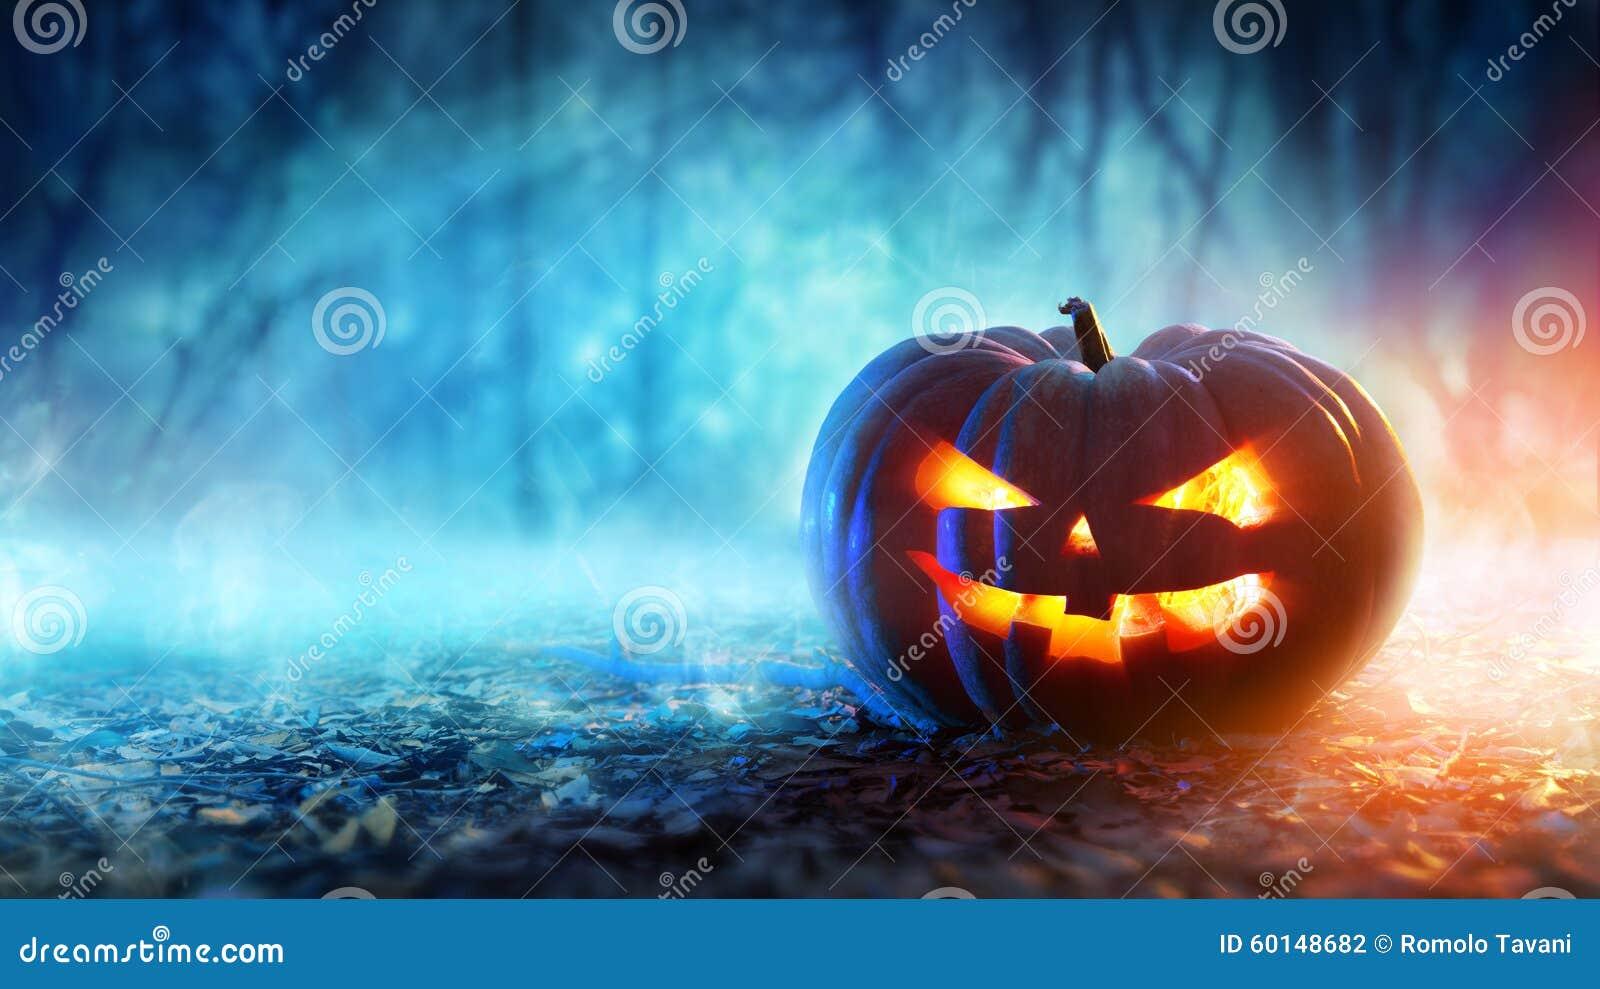 Calabaza de Halloween en un bosque místico